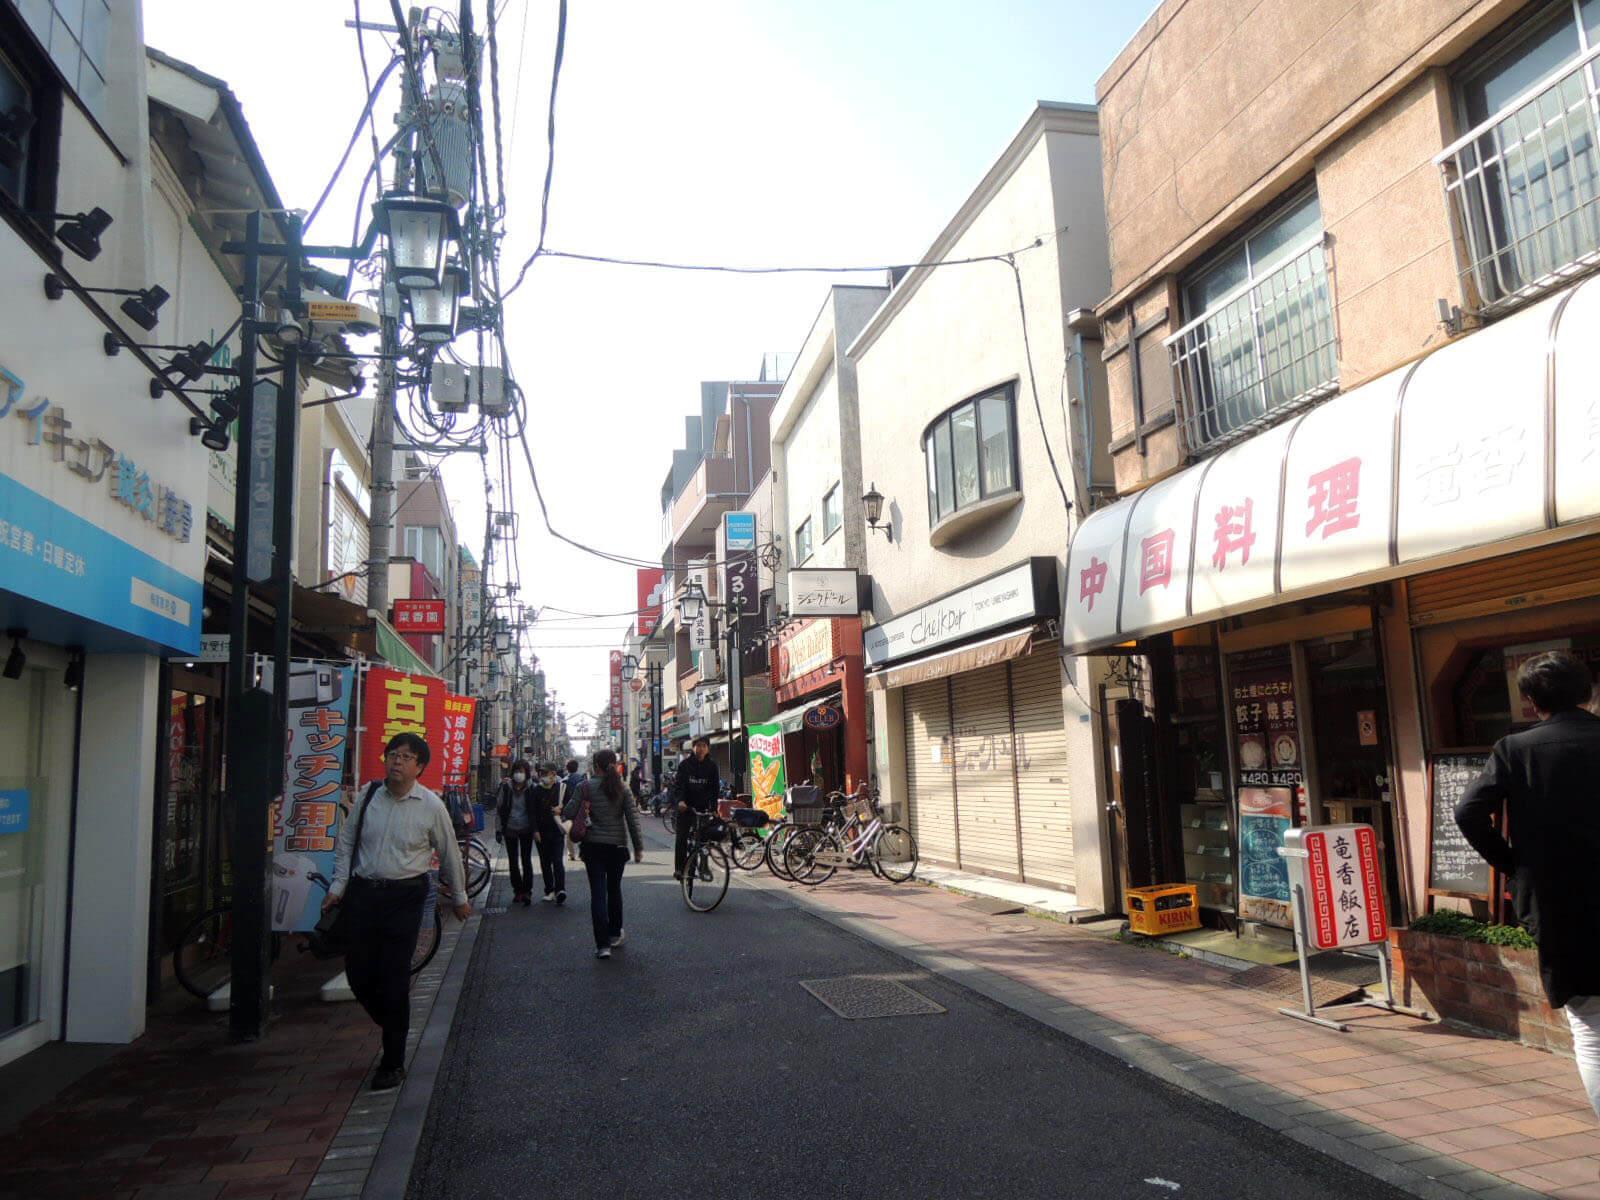 歩いてすぐの場所には、懐かしさが残る商店街も健在。